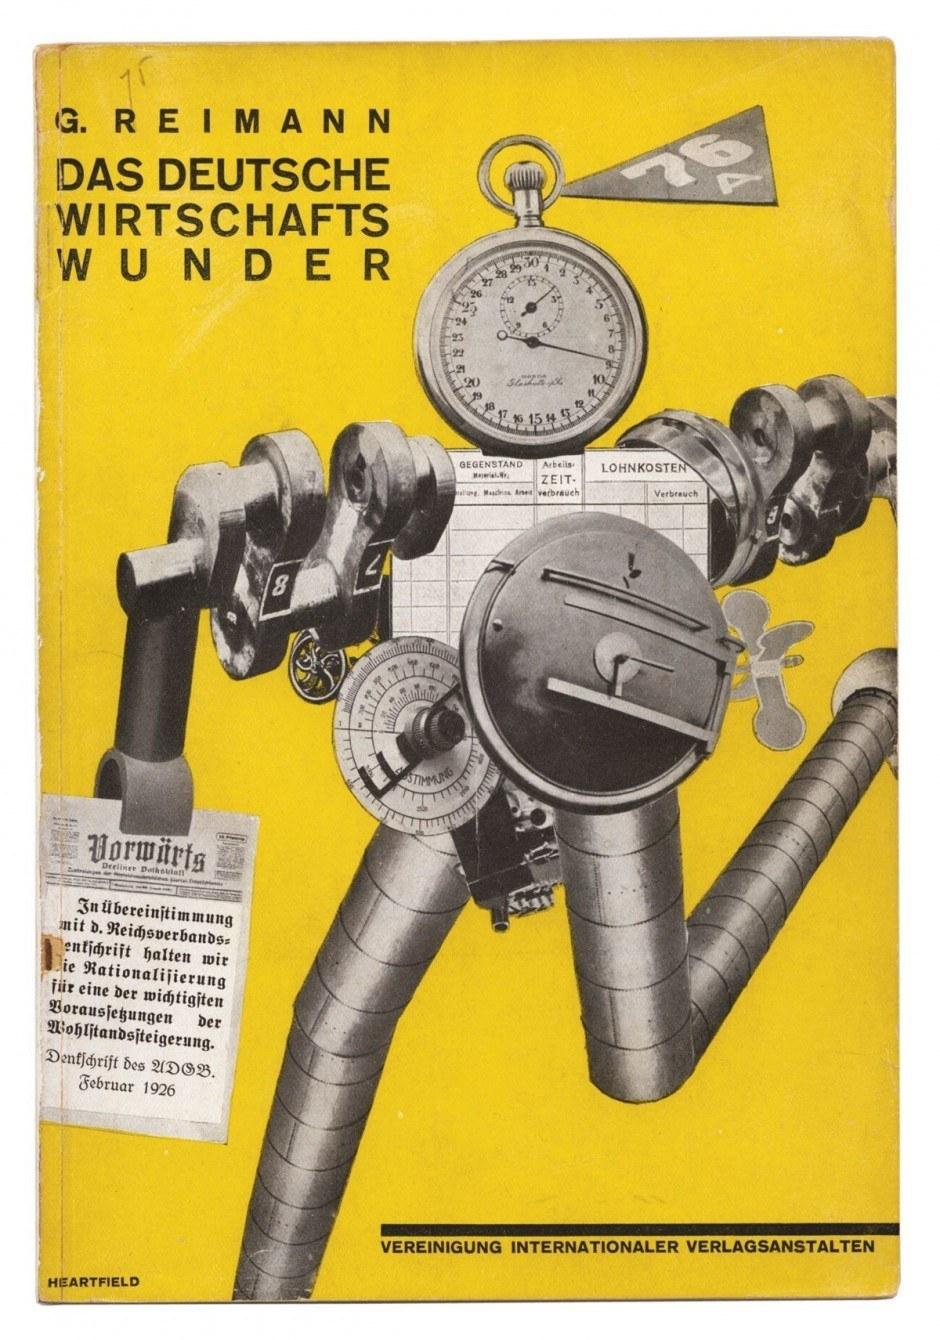 John Heartfield – eigentlich Helmut Herzfelde – war Typograf, Buch-gestalter und Bühnenbildner, vor allem aber auch Kommunist und Agitator, der mit seinen berühmten Fotomontagen für die weit verbreitete »Arbeiter-Illustrierte Zeitung« und Wahlkampfpropa-ganda für die KPD durchaus in die Tagespolitik eingriff. Diese Arbeit entstand 1927, doch erinnert sie an seine Zeit als Mitglied des Berliner Club Dada. Tatsächlich waren es die Dadaisten, die zuerst moderne Collagetechniken entwickelten